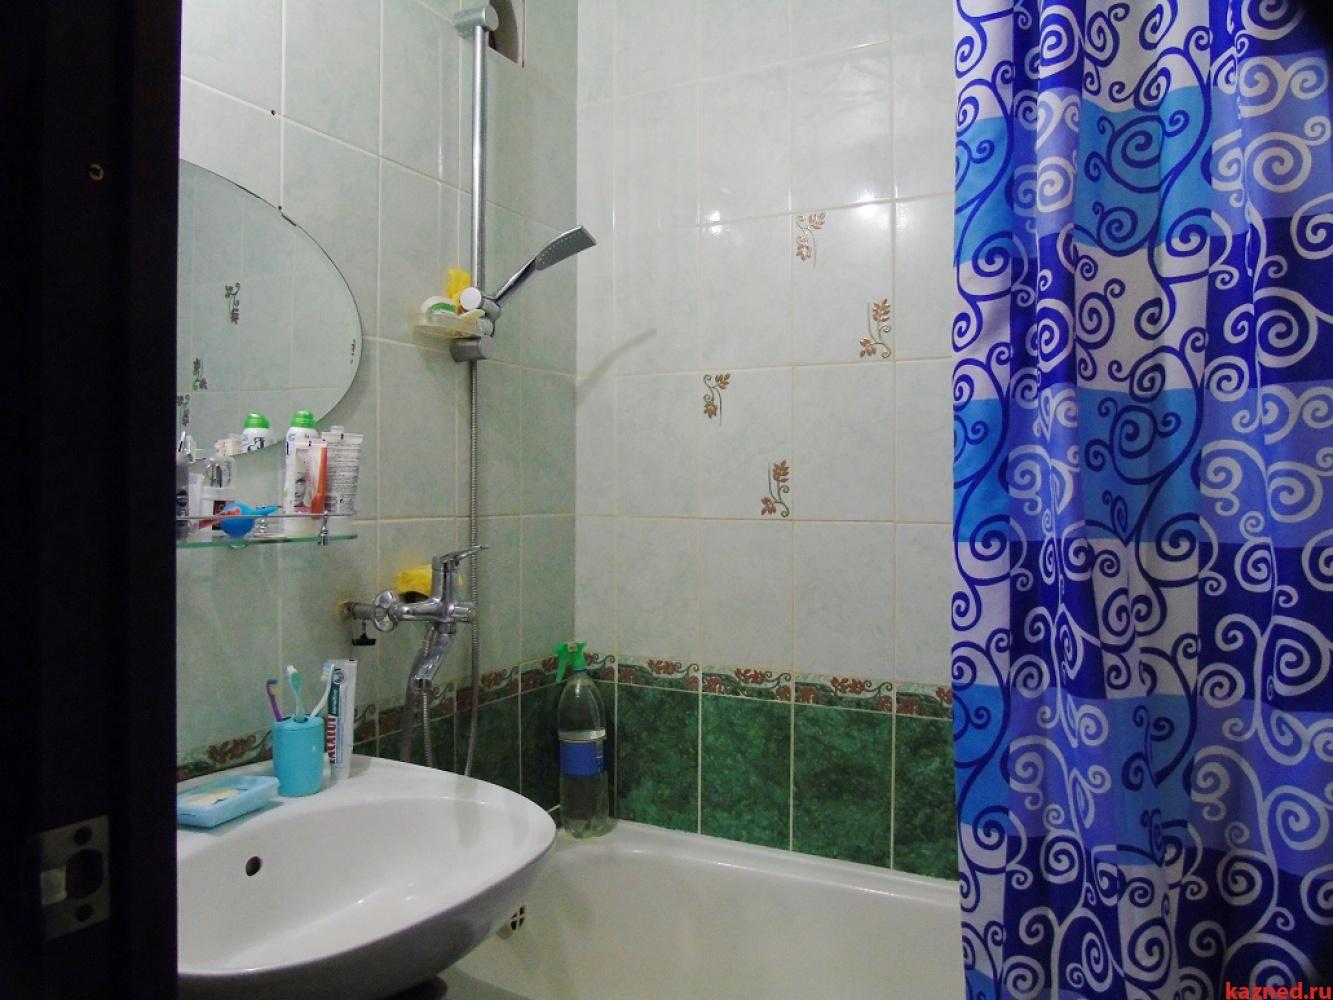 Продажа 2-к квартиры Амирхана, 83, 52 м² (миниатюра №7)